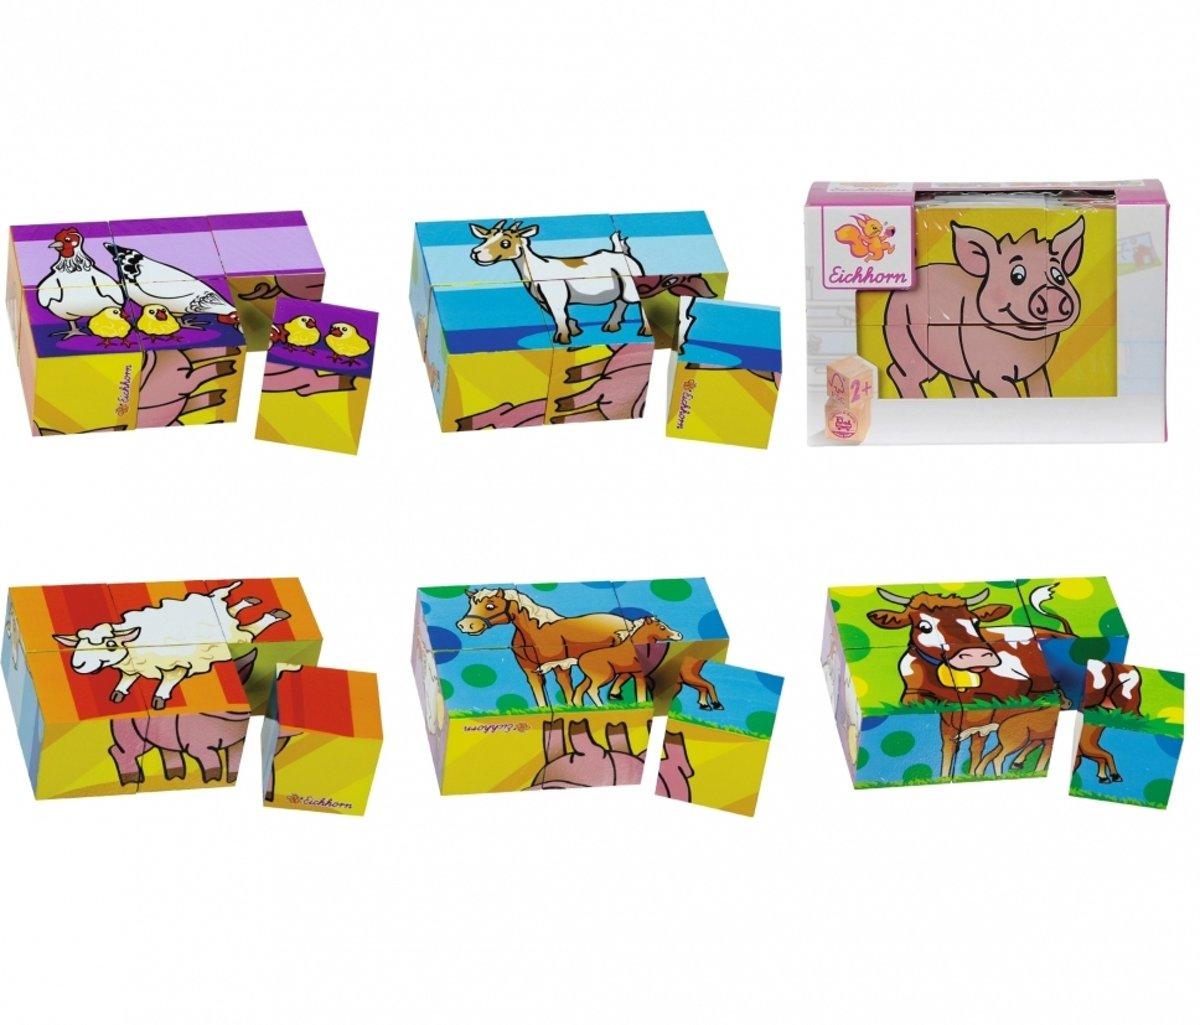 Eichhorn 4003046054811 puzzel Blokpuzzel 6 stuk(s)